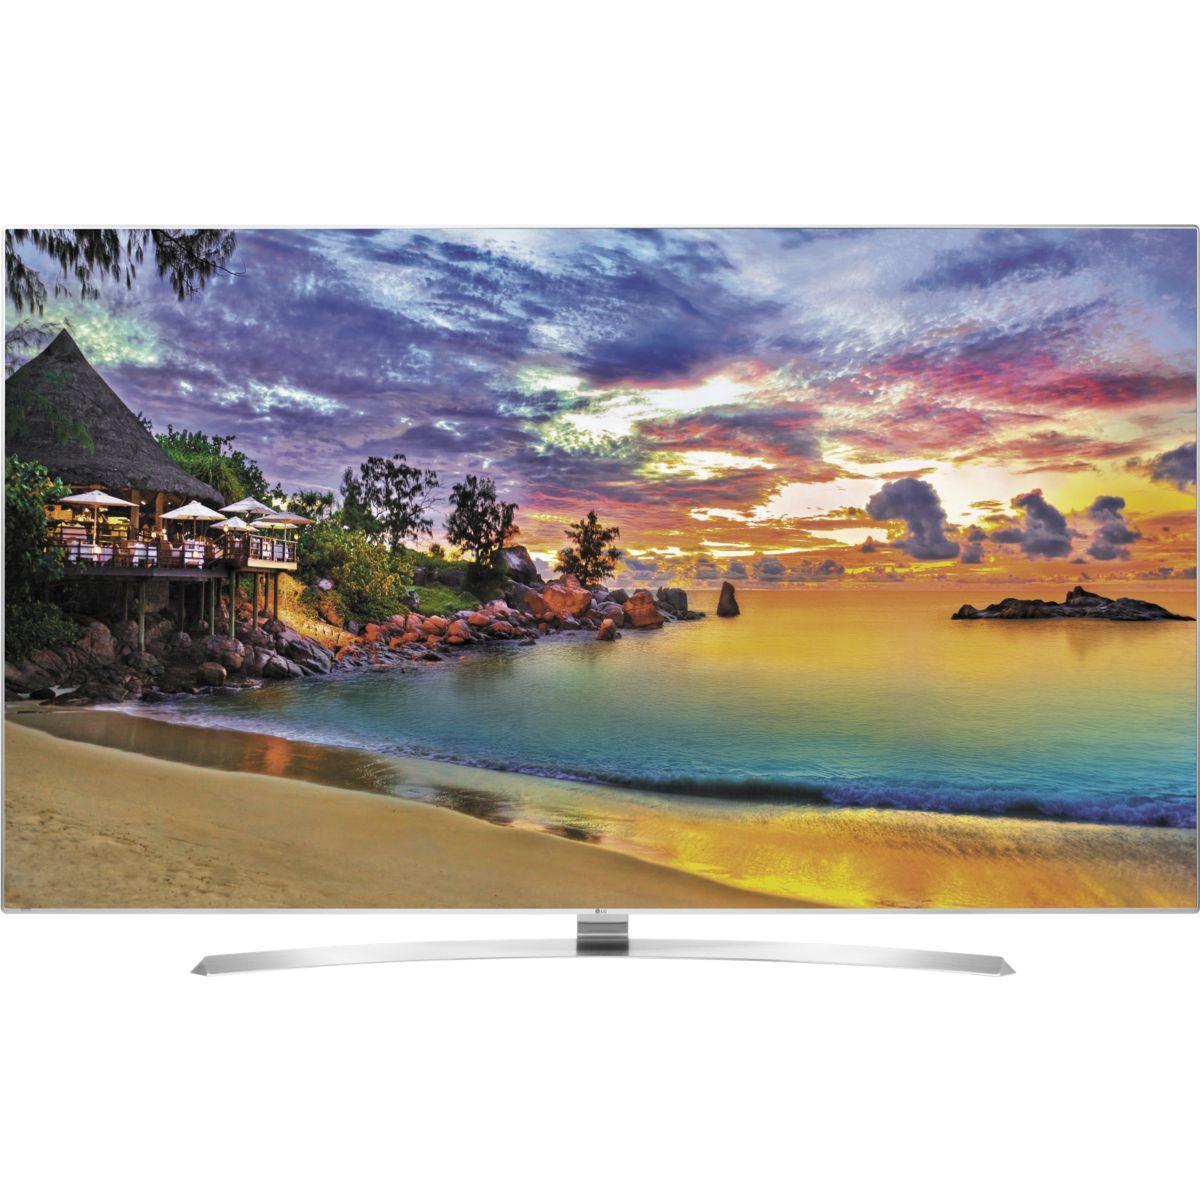 Pack promo tv lg 55uh950v 200hz 4k smart tv 3d + tv lg 32lf5610 full hd - 80 cm - livraison offerte : code livtv